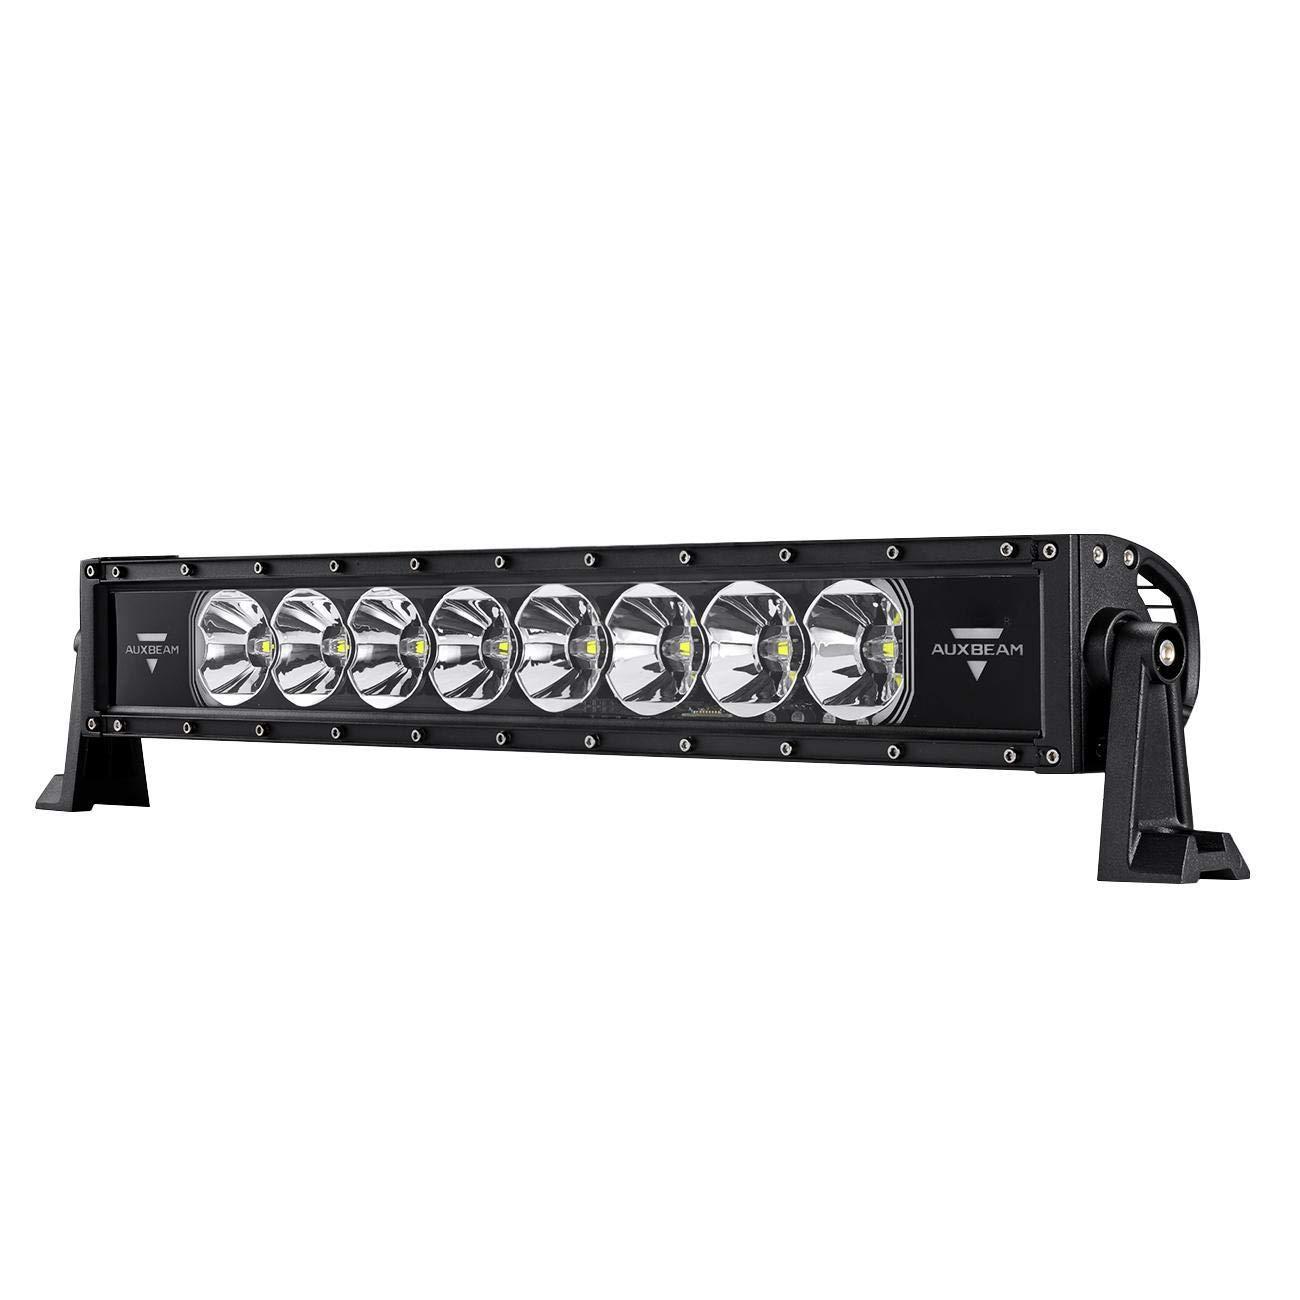 Auxbeam LED Arbeitsscheinwerfer 120W 12000lm 60 Grad Flutlicht &Cree LED 30 Grad Spotlight Auto Scheinwerfer Offroad Flutlicht 6000K Wasserdicht IP67 Arbeitslicht DC 10~30V